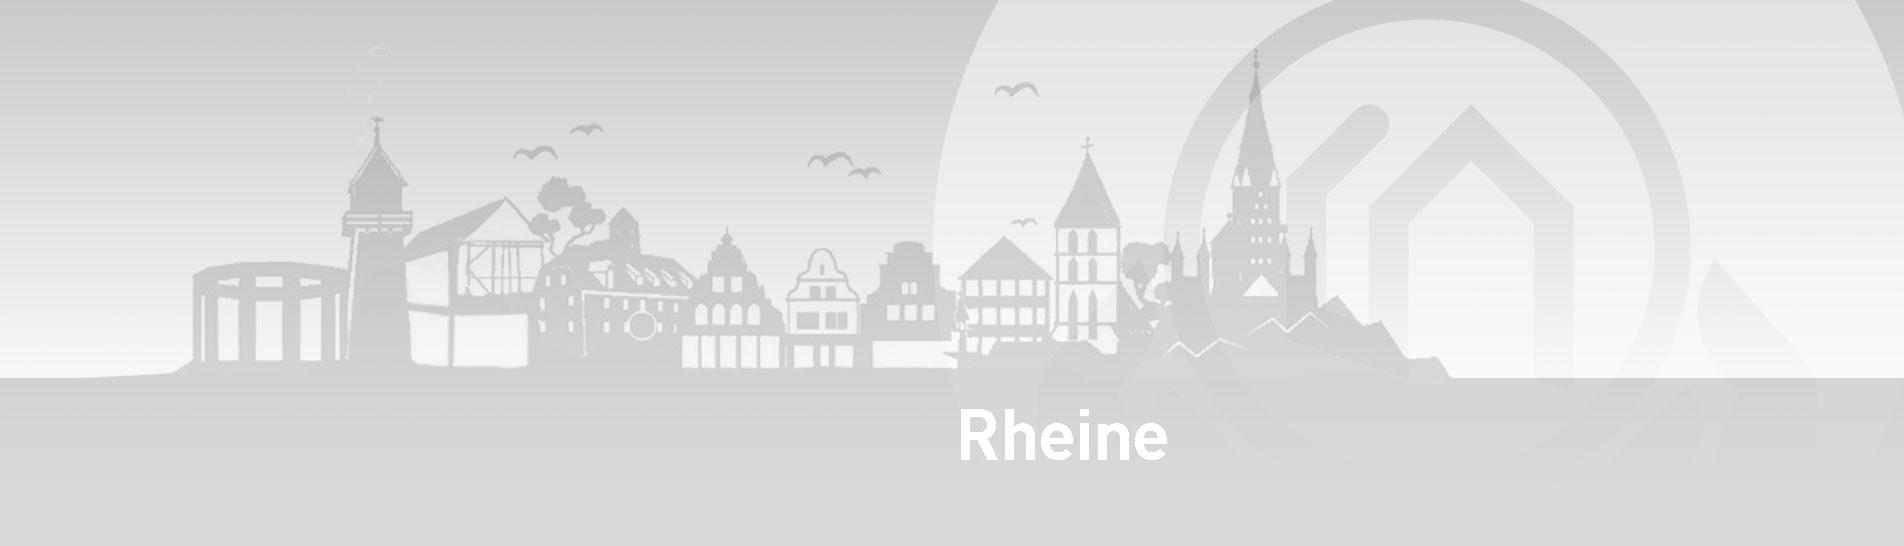 Rheine SENCURINA 1904x546 1 - Rheine